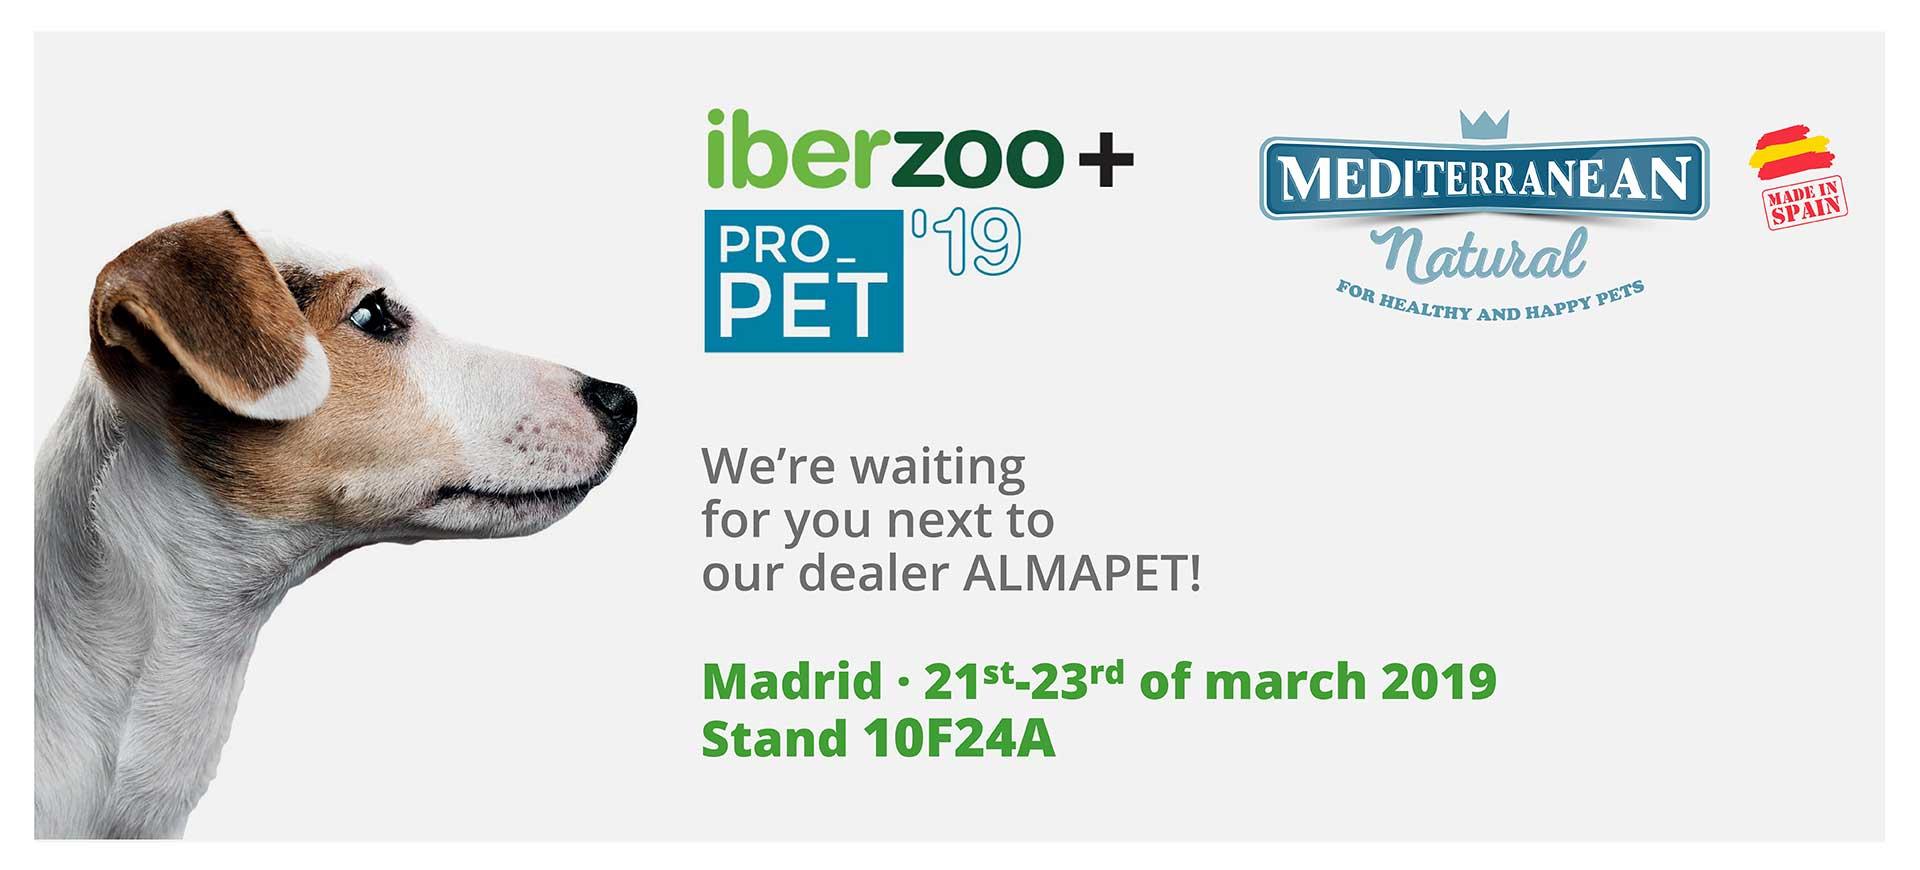 Mediterranean-Natural-at-Iberzoo-Propet-2019-Ifema-Madrid-w